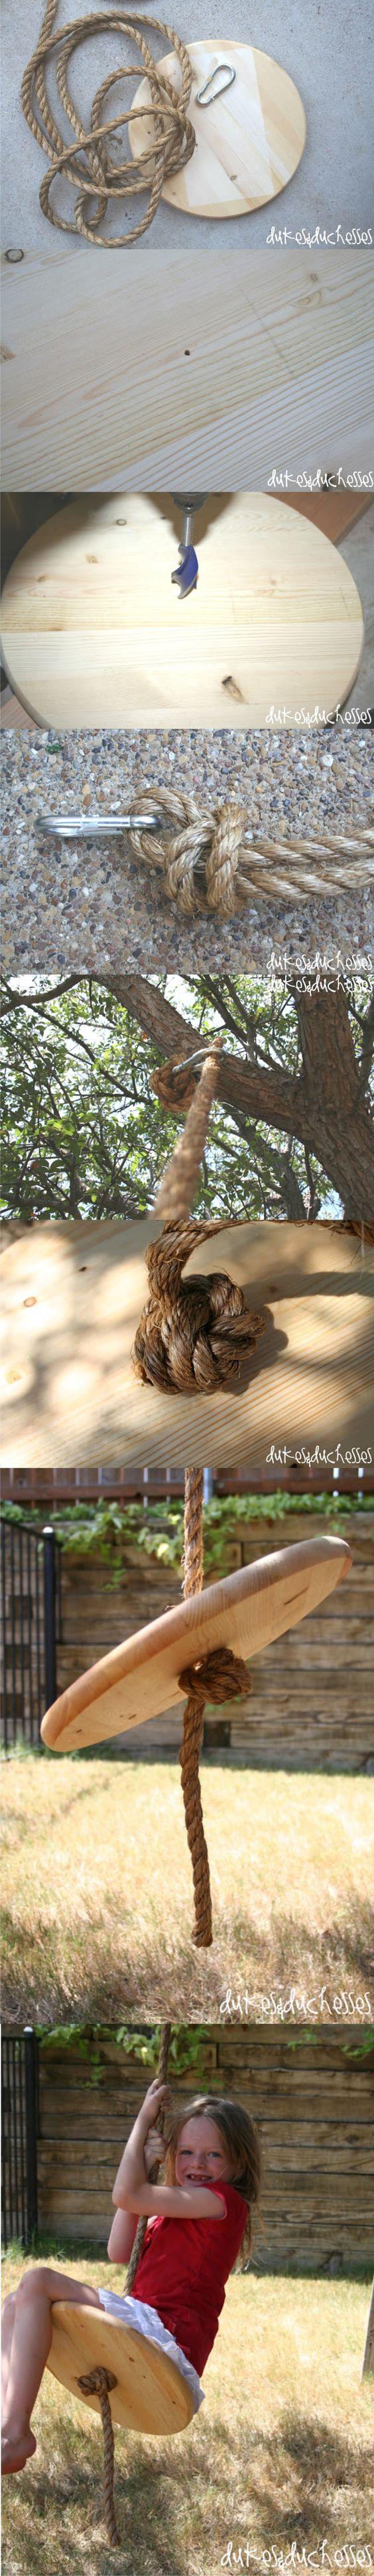 Ingenioso columpio una cuerda / via http://dukesandduchesses.com/